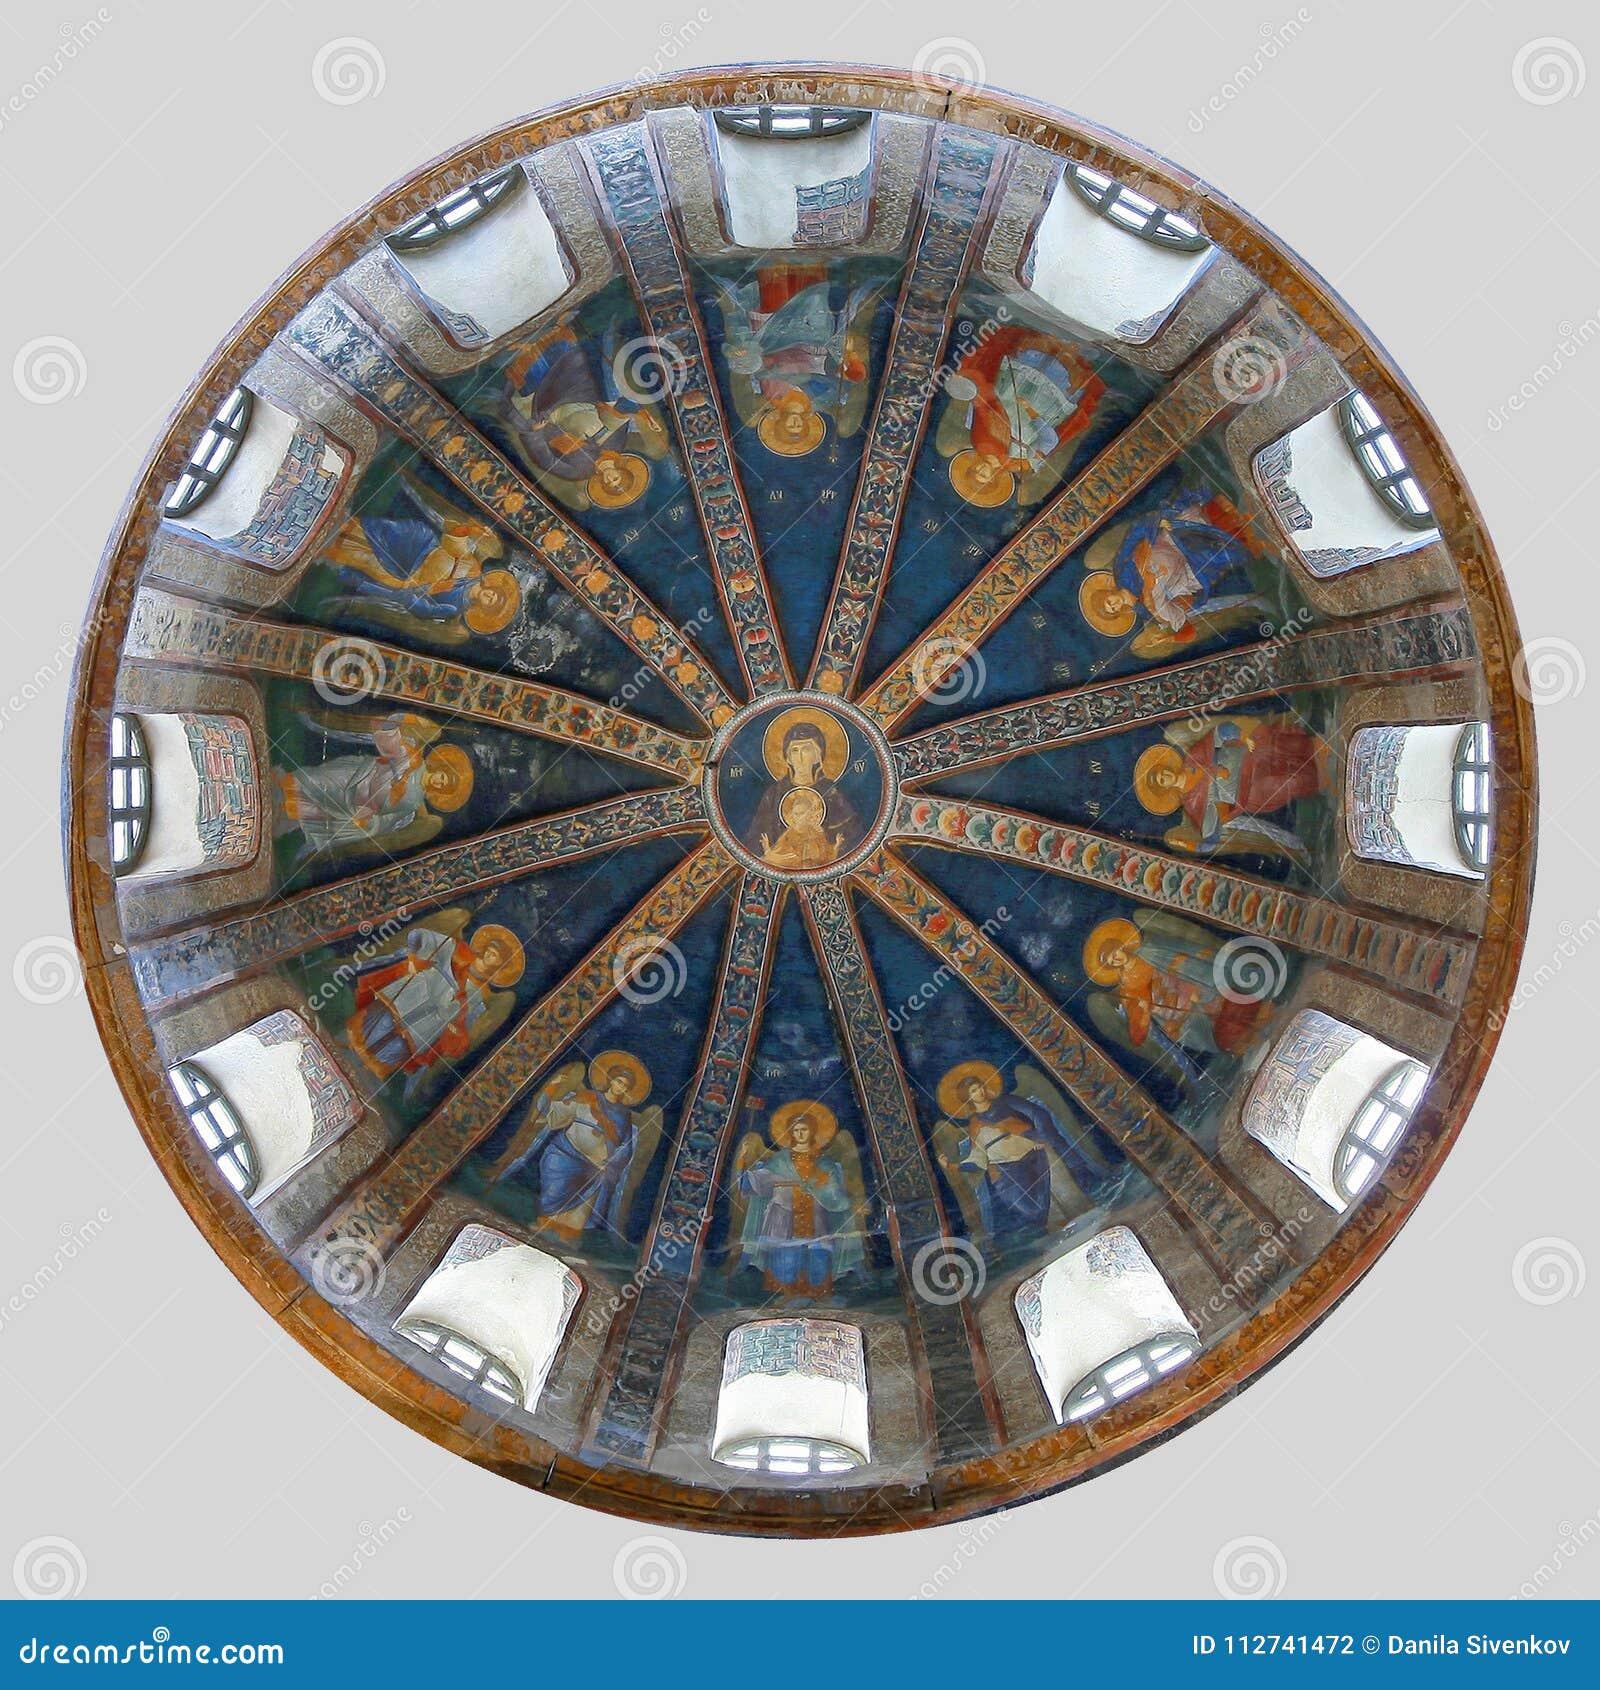 ISTANBOEL, TURKIJE - MAART 25, 2012: Fresko in Kerk van Christus de Verlosser